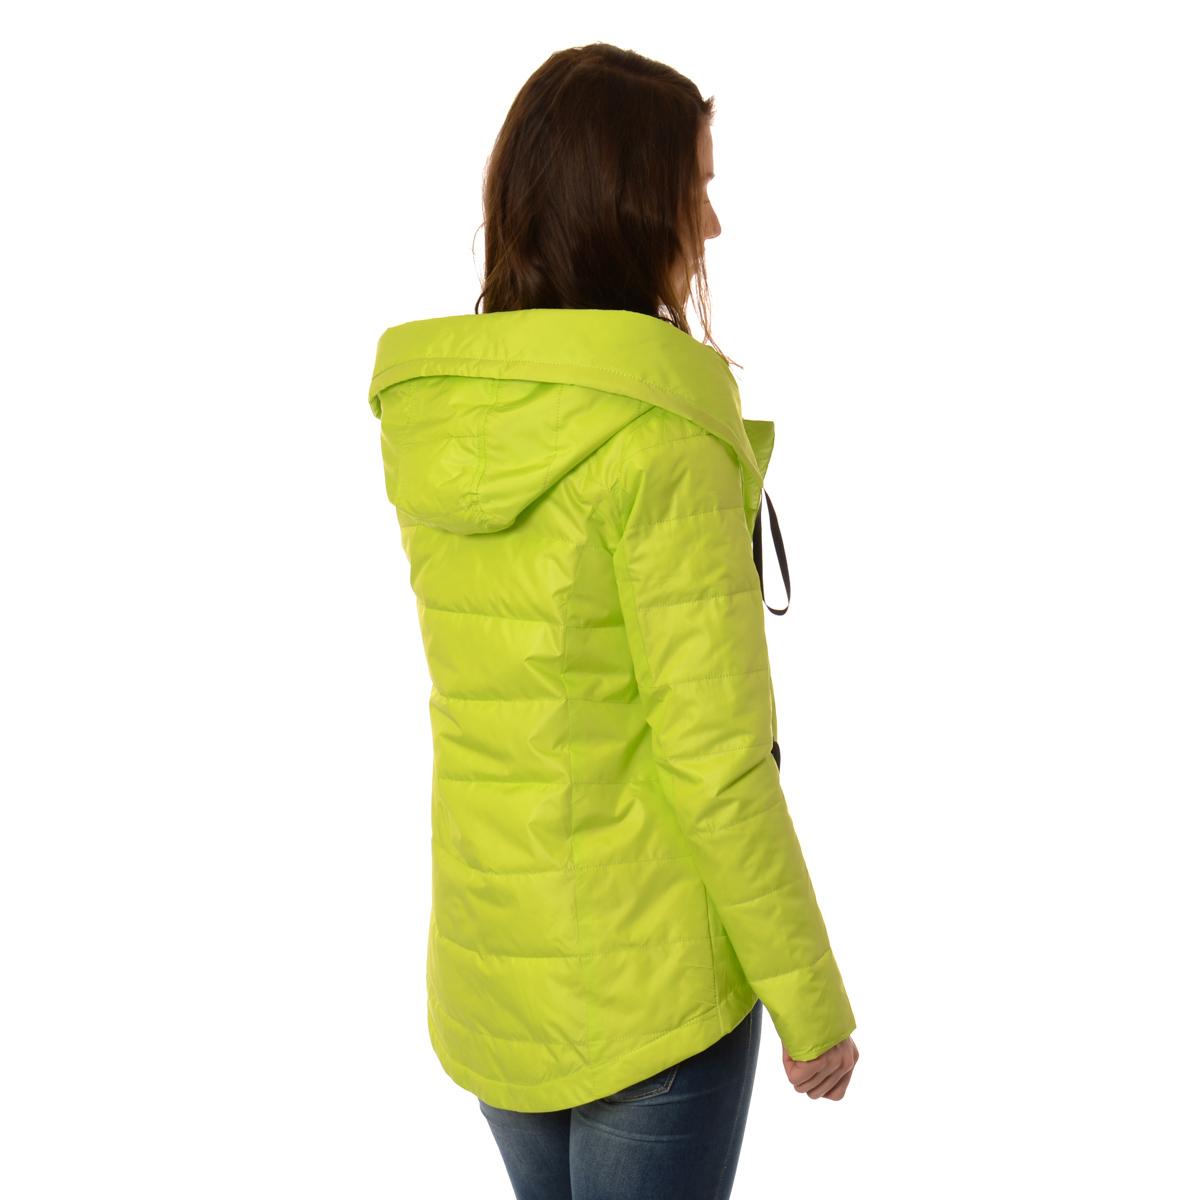 Softshell to idealna kurtka, sprawdzająca się niemal w każdych warunkach. Doskonale zda egzamin zarówno na górskich szlakach, jak i w miejskiej przestrzeni.